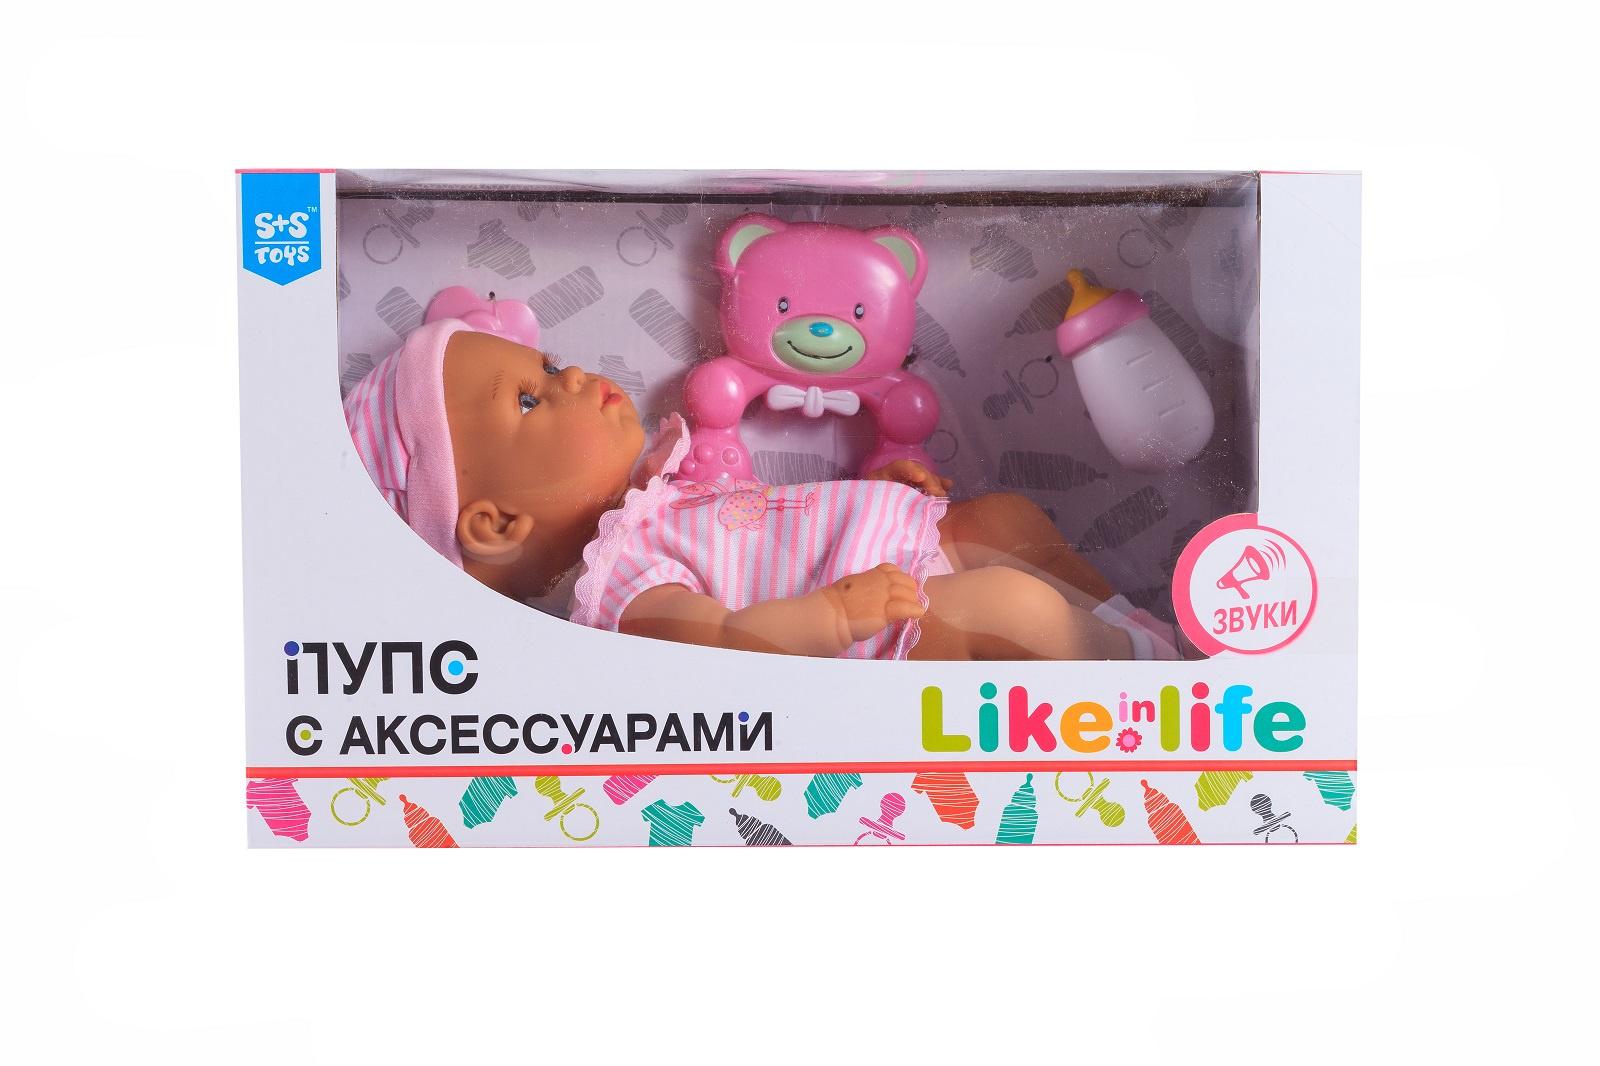 Кукла Cosmeceutical, 200133844, 32 см кукла s s toys 1025 doll